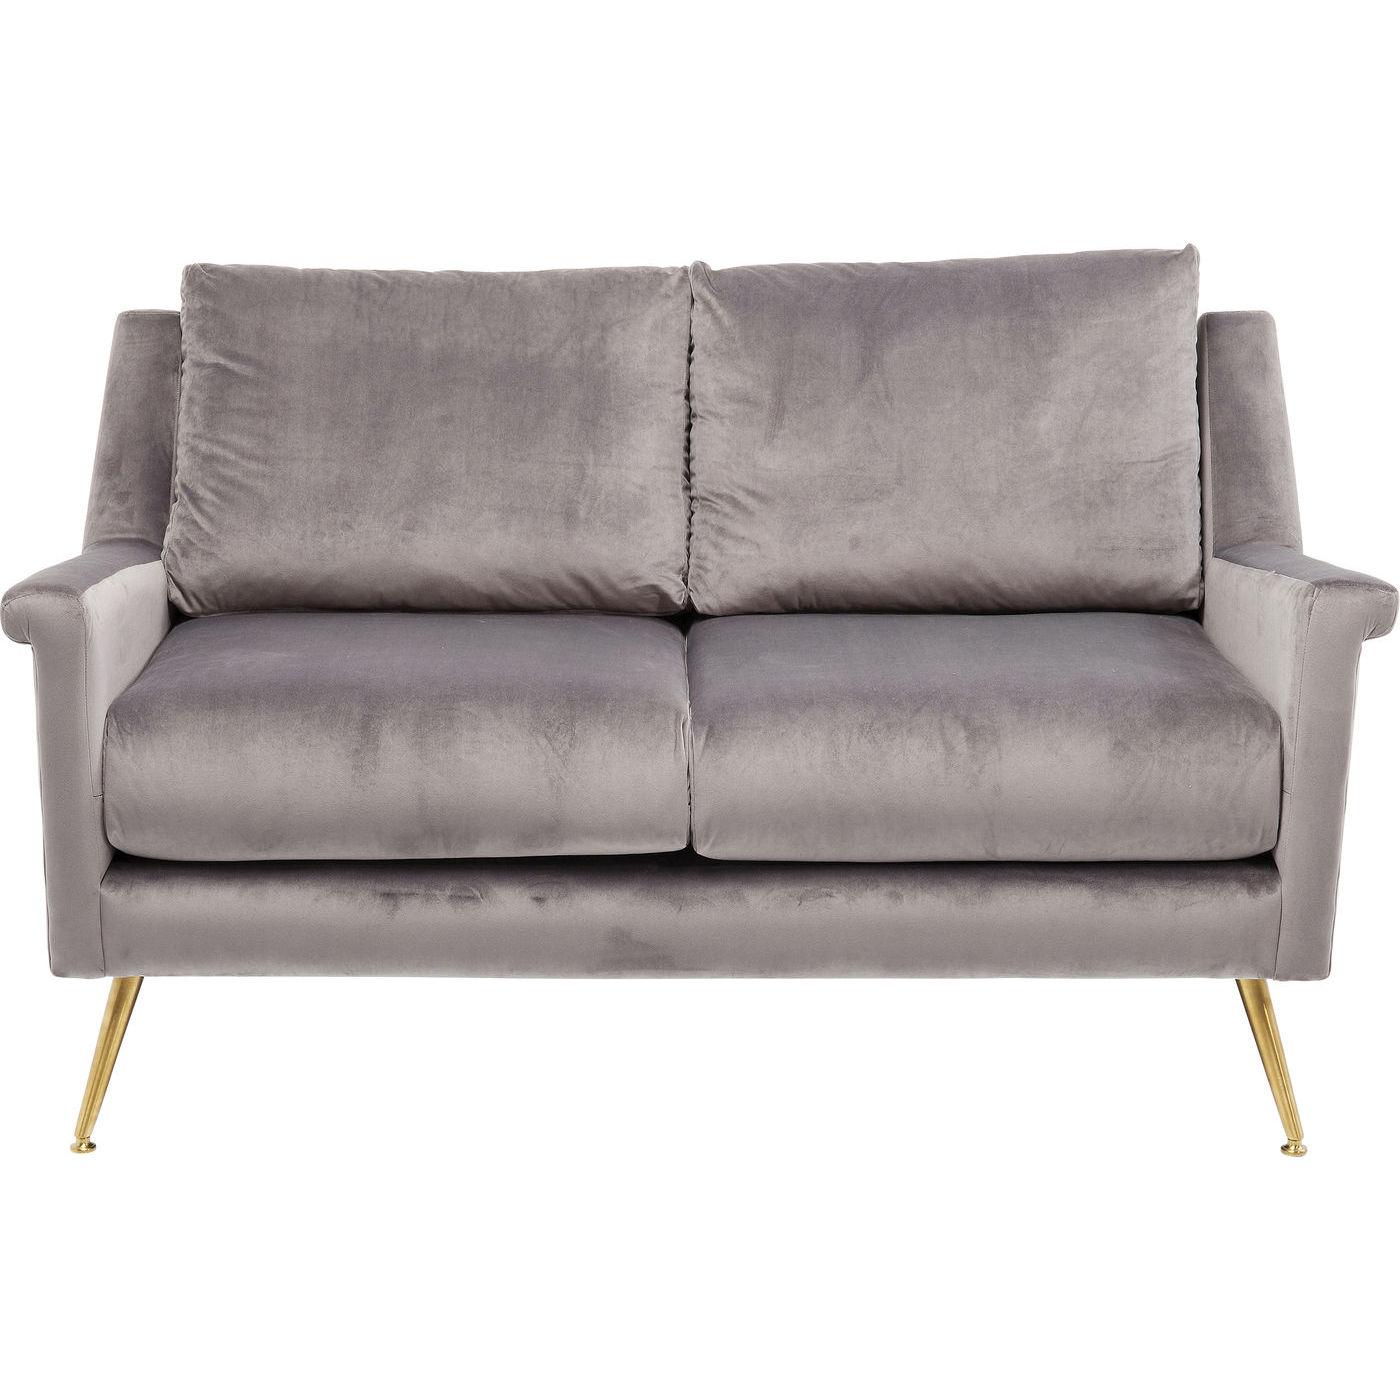 Kare design san diego grey 2-personers sofa - gråt stof/messing stål, m. armlæn fra kare design på boboonline.dk